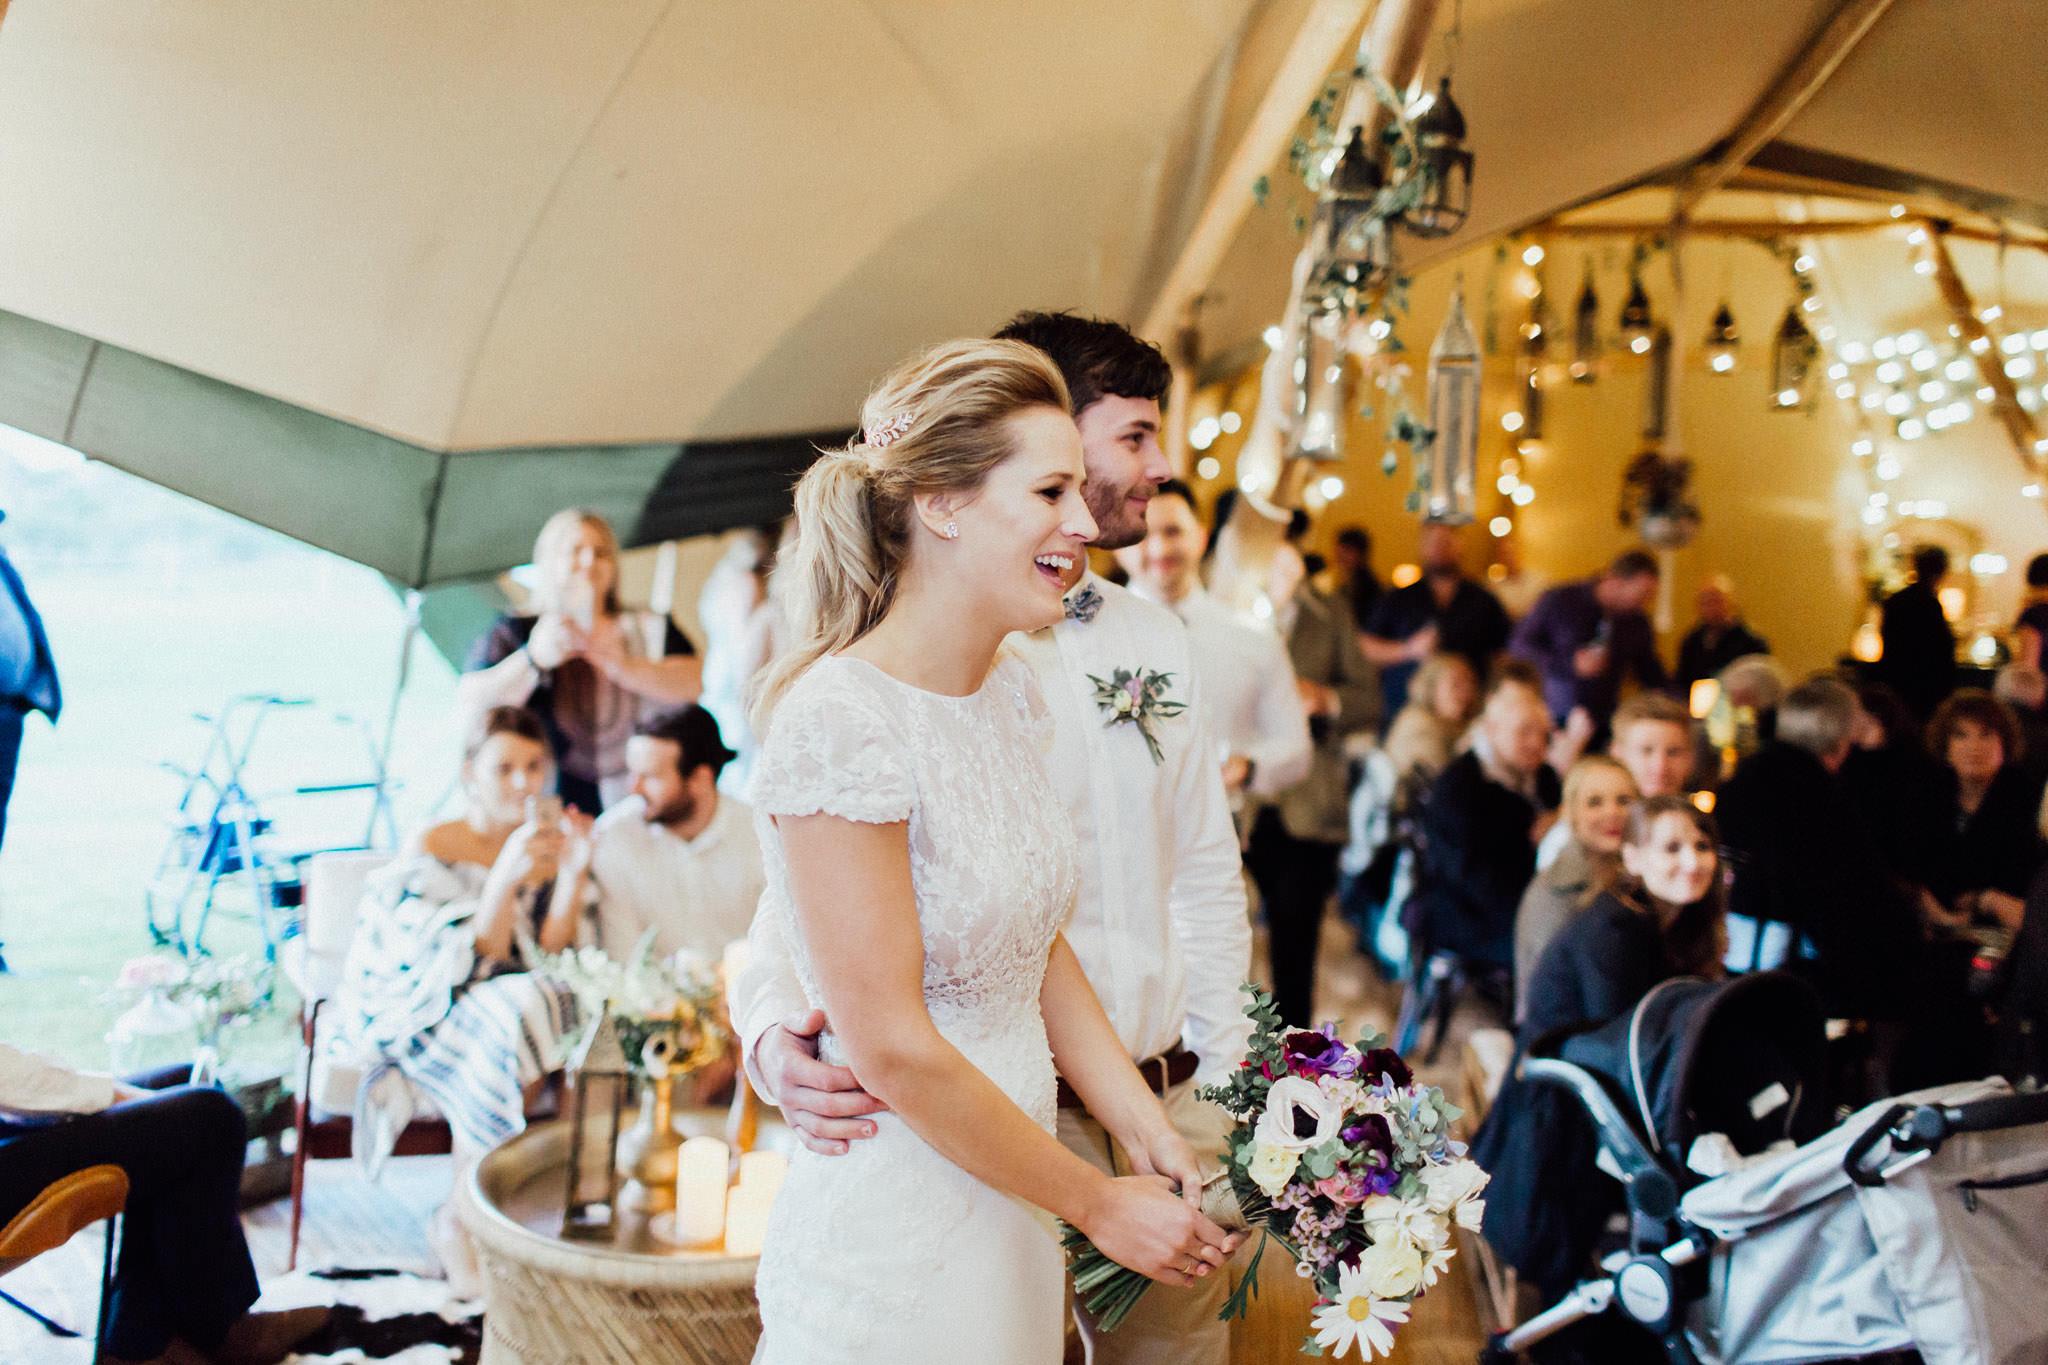 WeddingPhotos_Facebook_2048pixels-1758.jpg